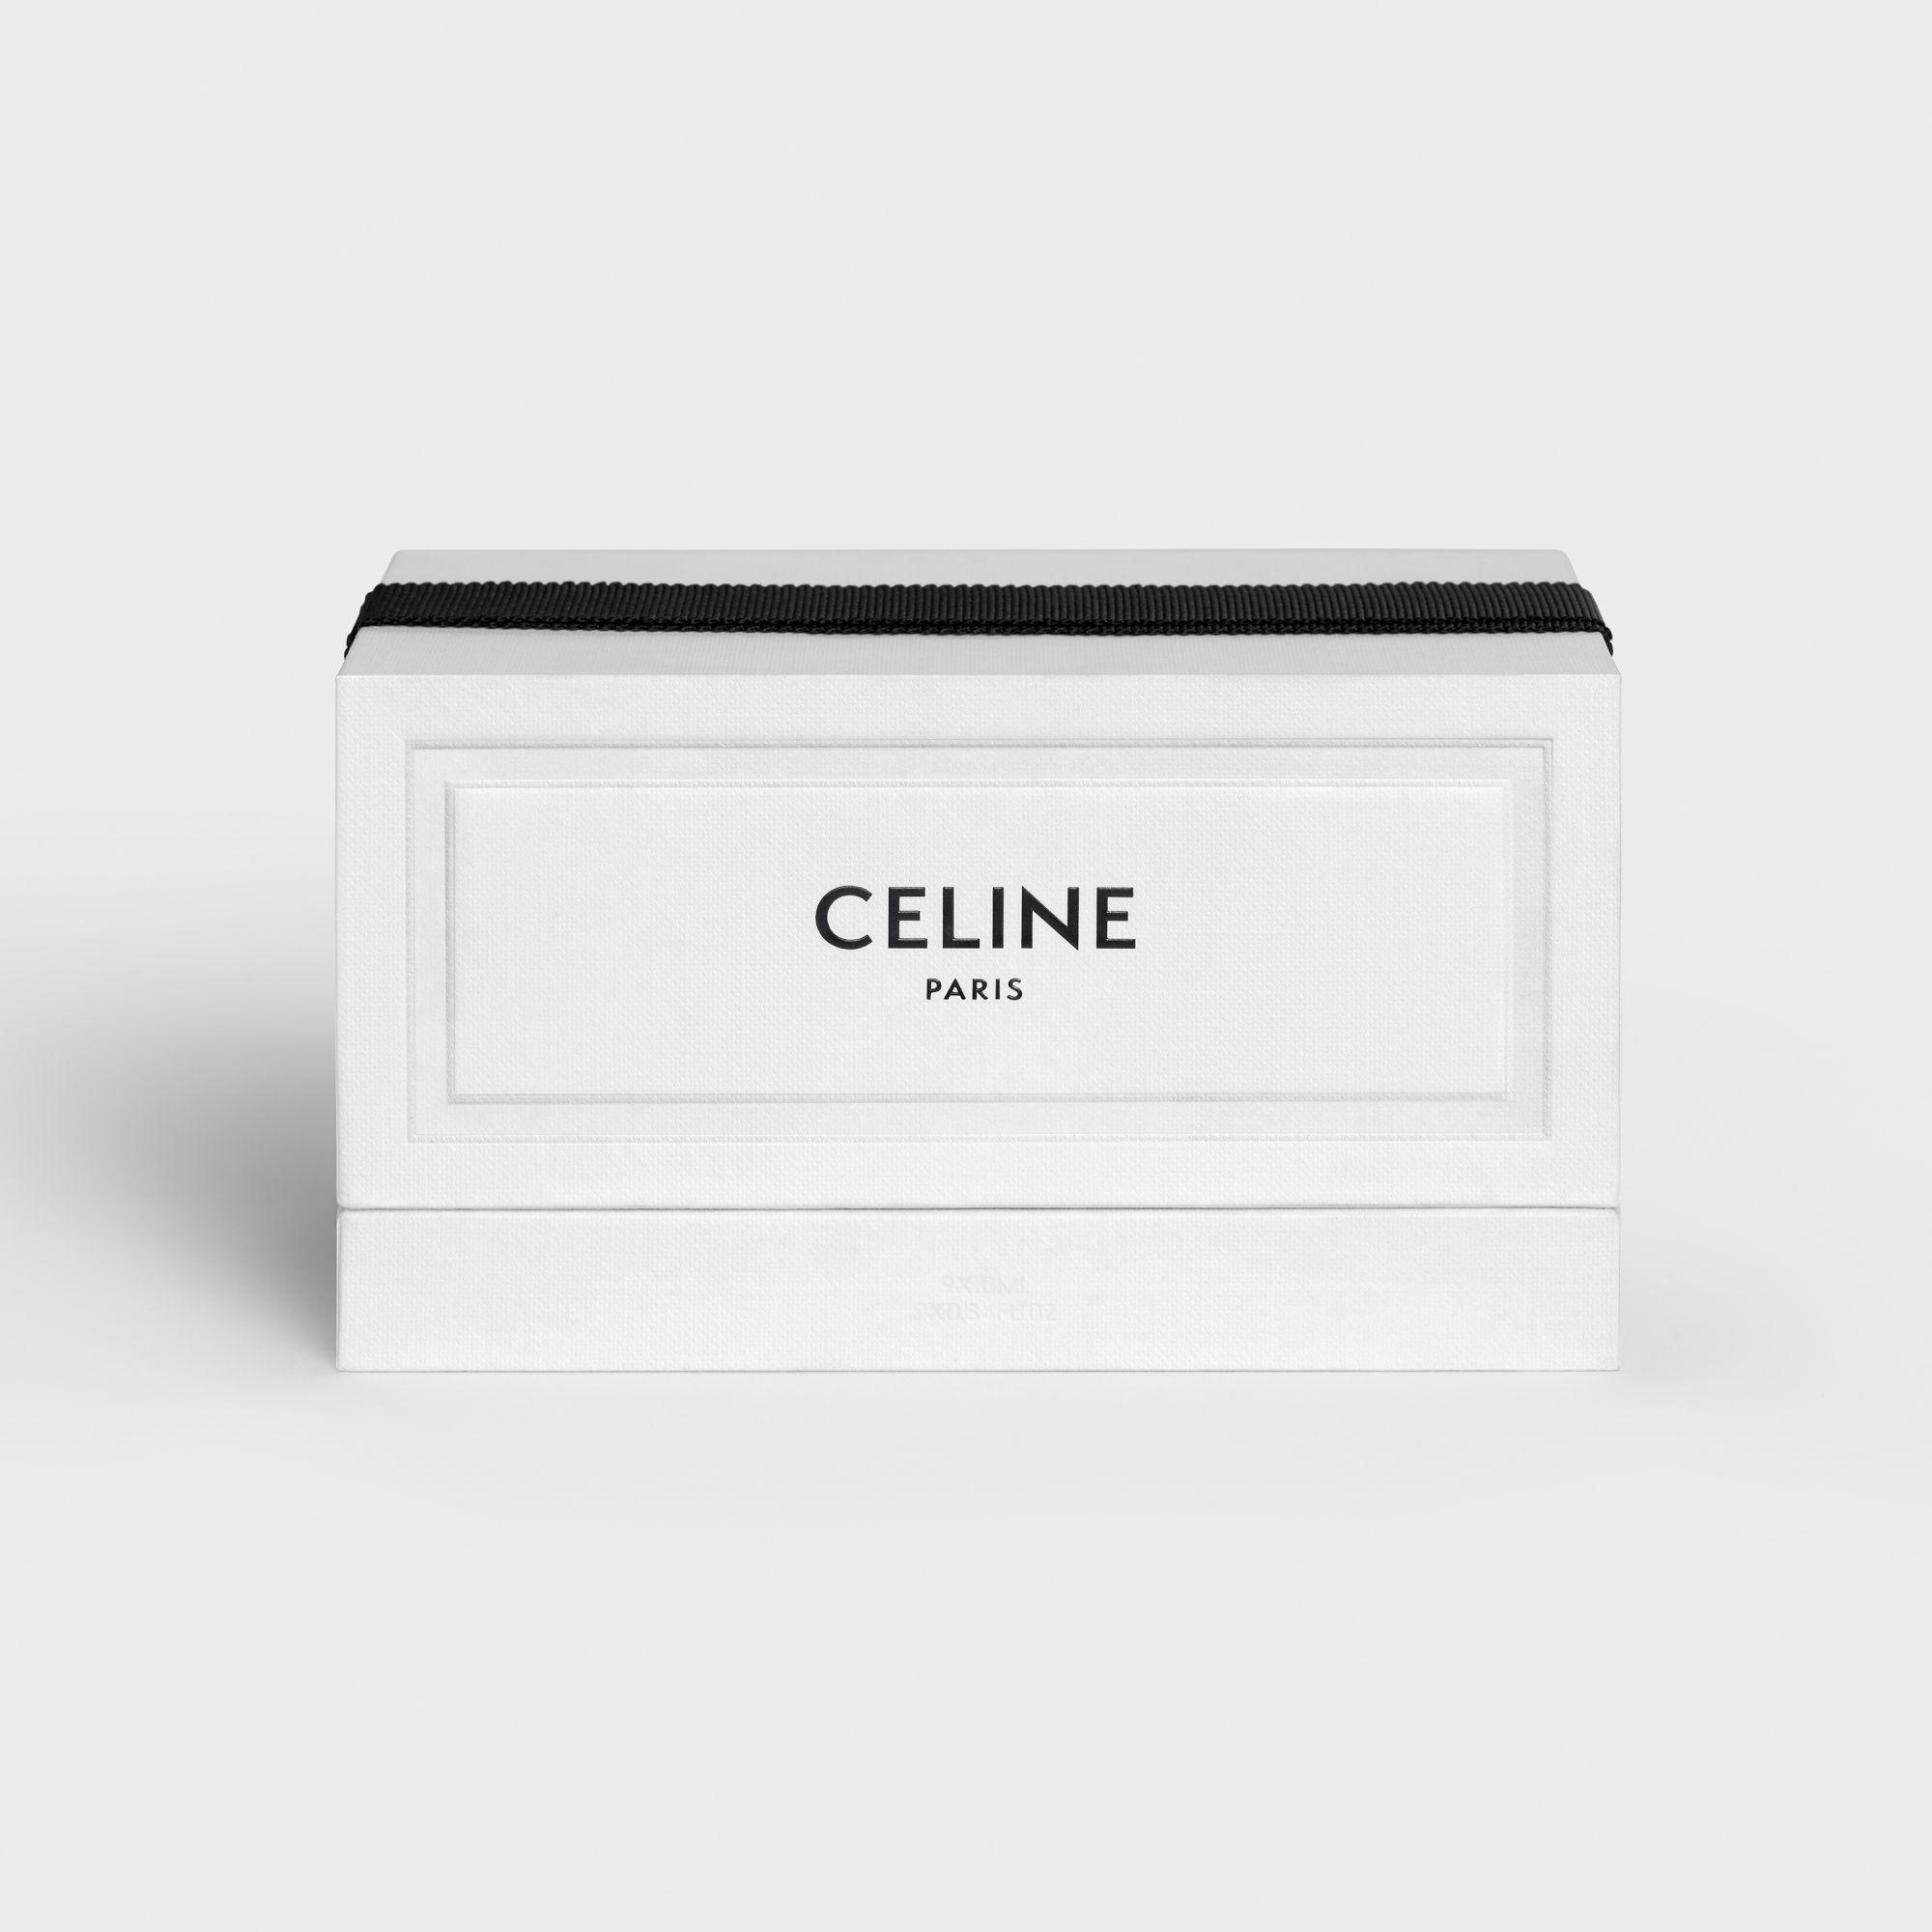 迷你香水禮盒飾以壓紋絨面紙,純白禮盒綁上黑色羅緞蝴蝶結